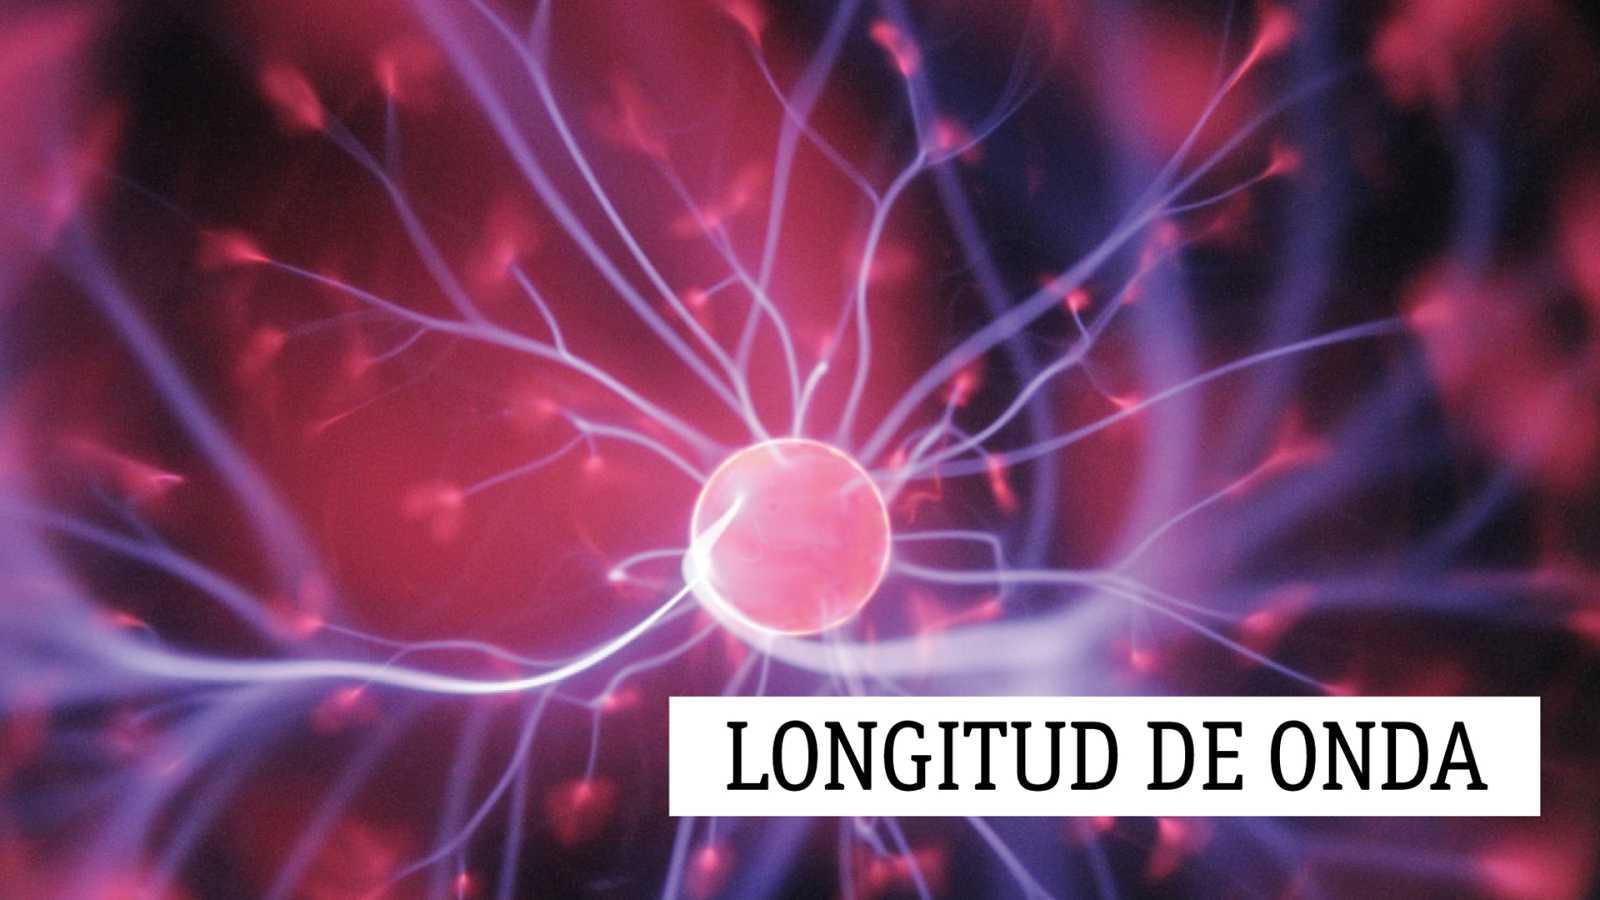 Longitud de onda - El confinamiento de Newton - 22/04/21 - escuchar ahora